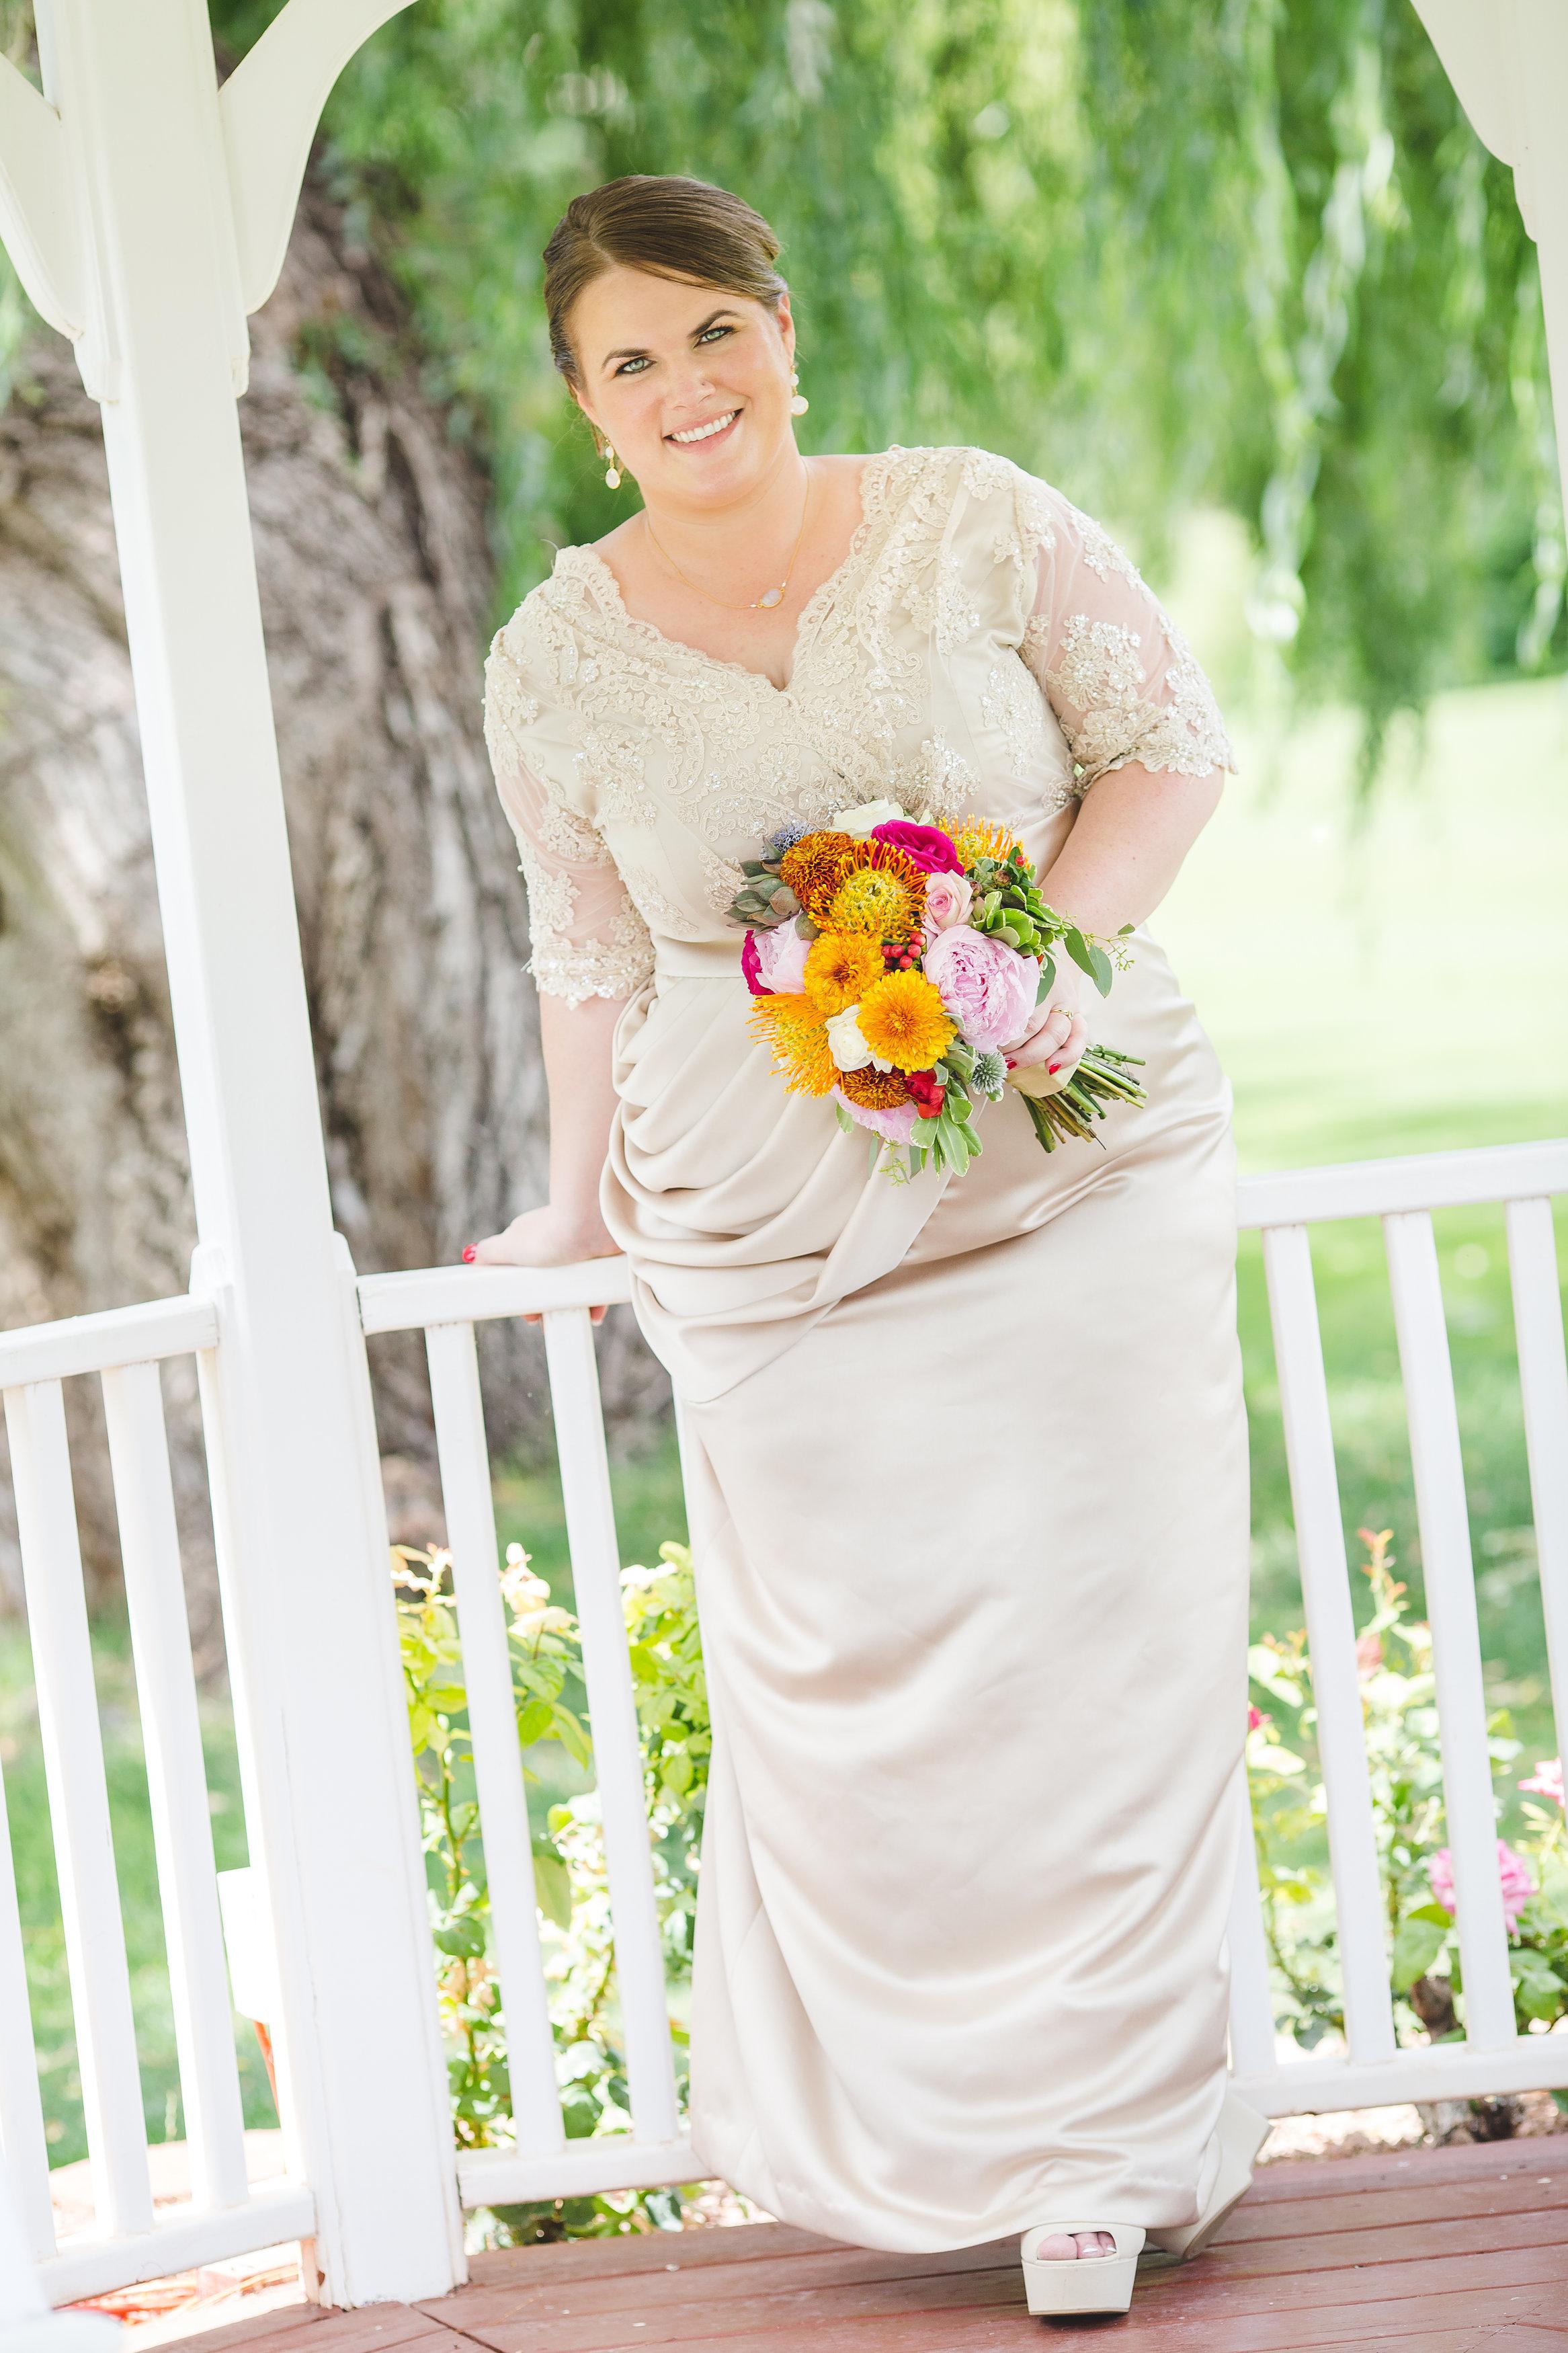 jessica-custom-dress-bride-in-gazebo